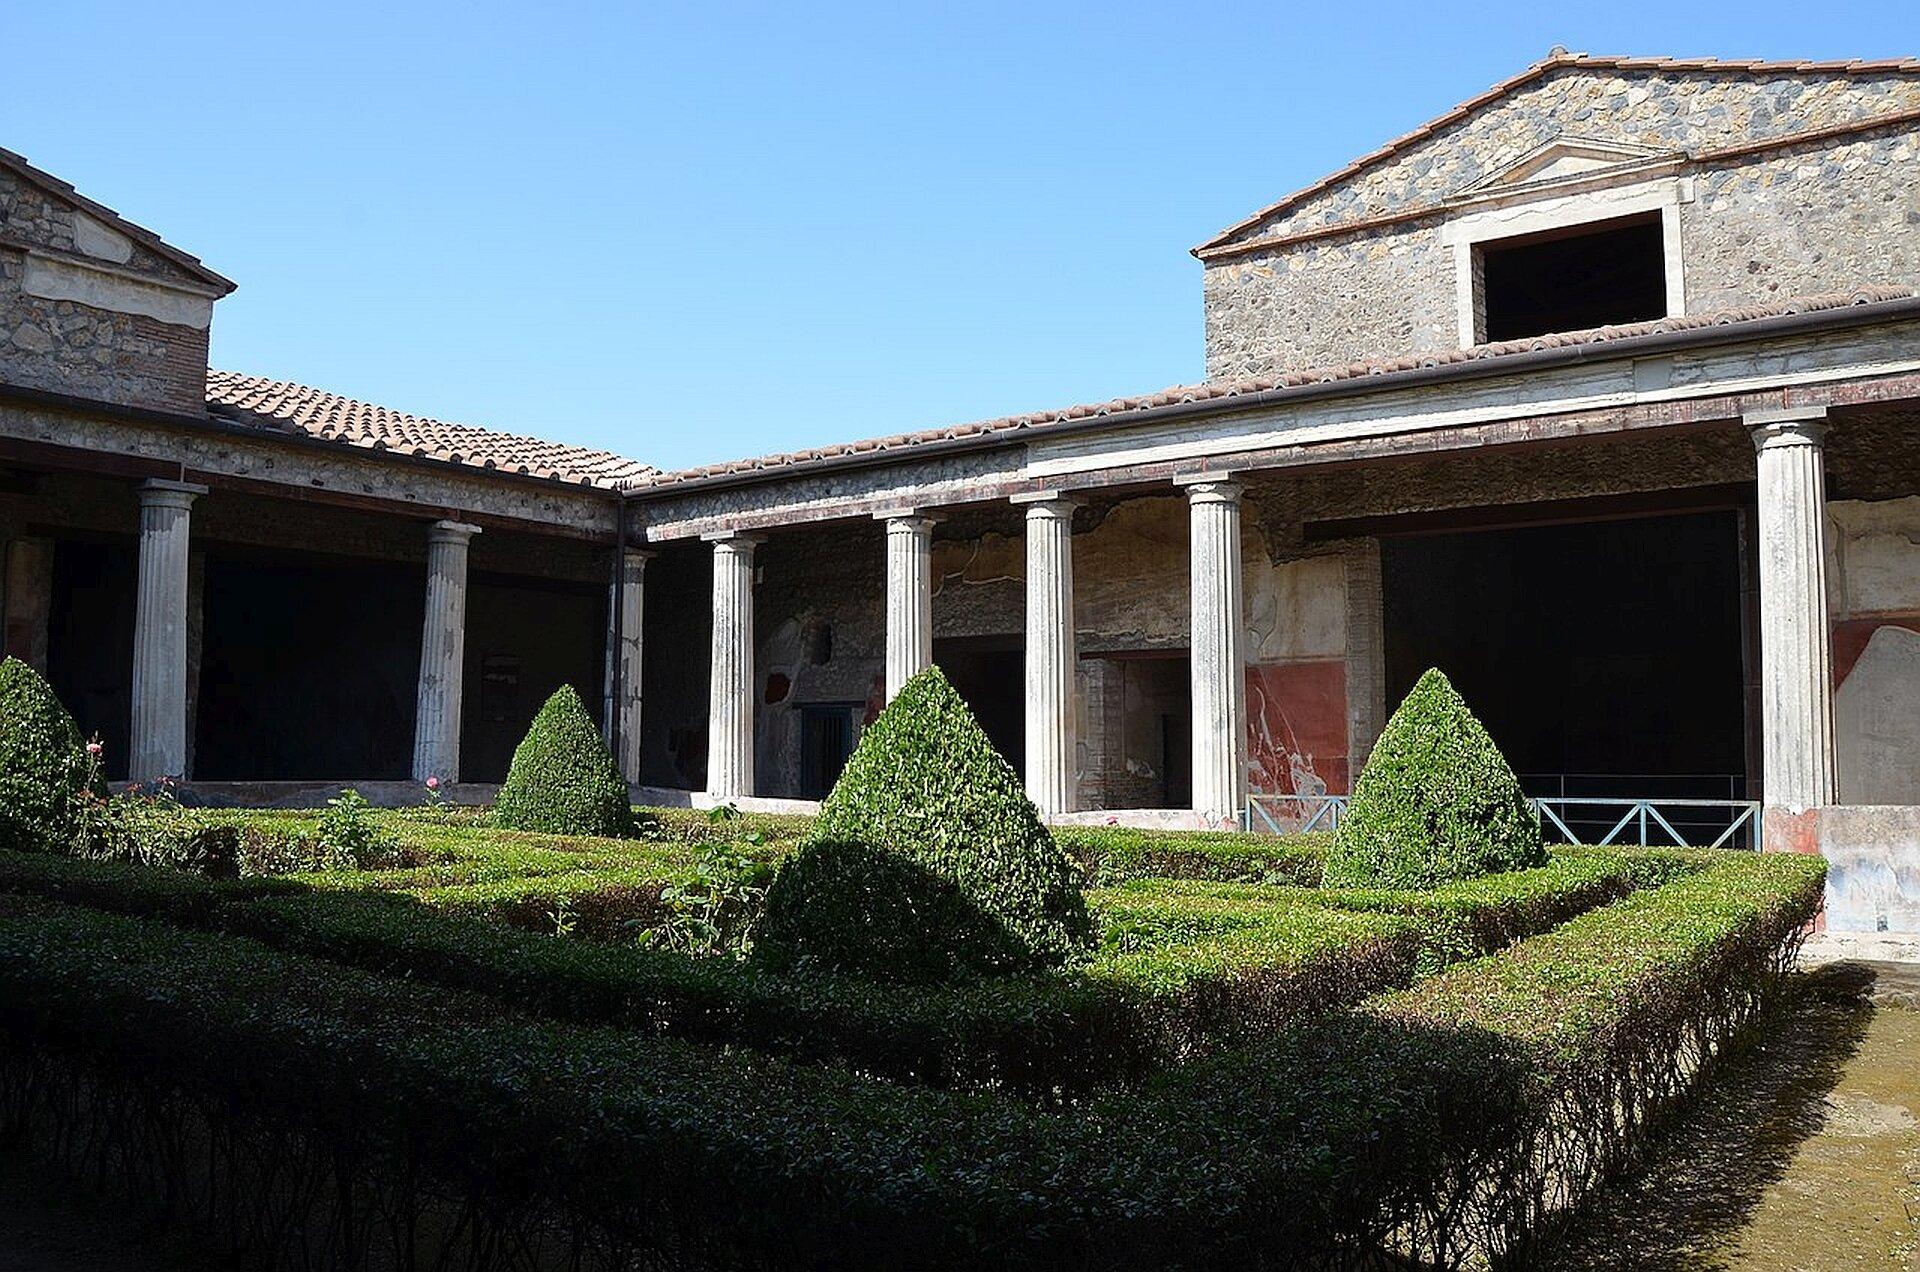 Kolorowa ilustracja przedstawia zewnętrzny widok odrestaurowanego budynku pompejańskiego tzw. domu Menandra. Fotografia ukazuje dwa połączone ze sobą przestronne skrzydła domu. Dom wyposażony jest wkrużganek wsparty białymi żłobkowanymi kolumnami ikryty czerwoną dachówką. Przed domem znajduje się perystyl zzadbaną zielenią.